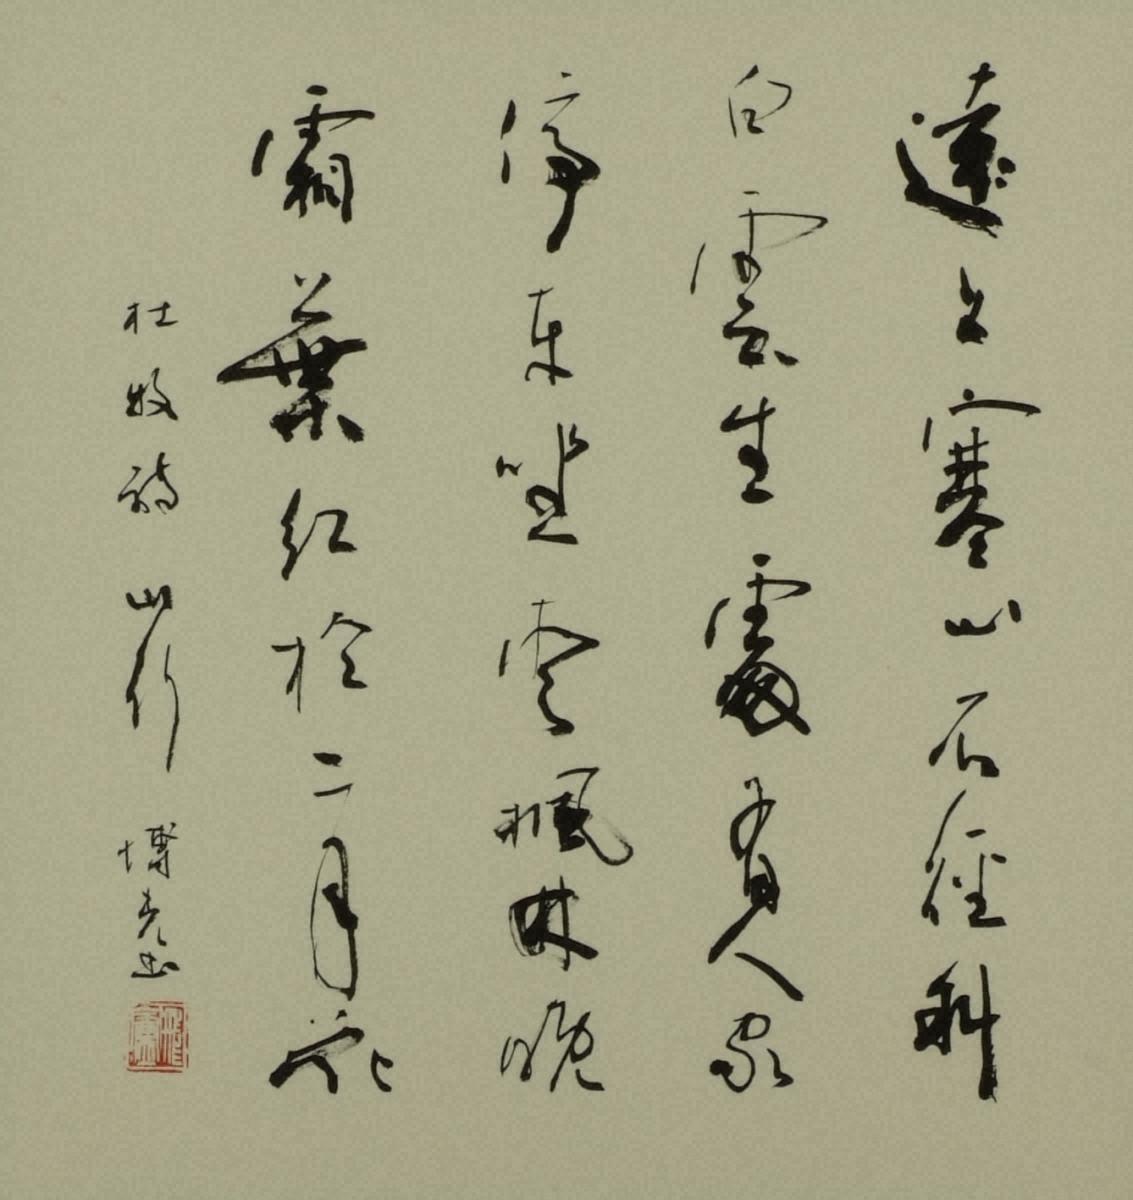 杜牧詩 山行 (『石飛博光のちょっと書いてみたい漢詩』より)